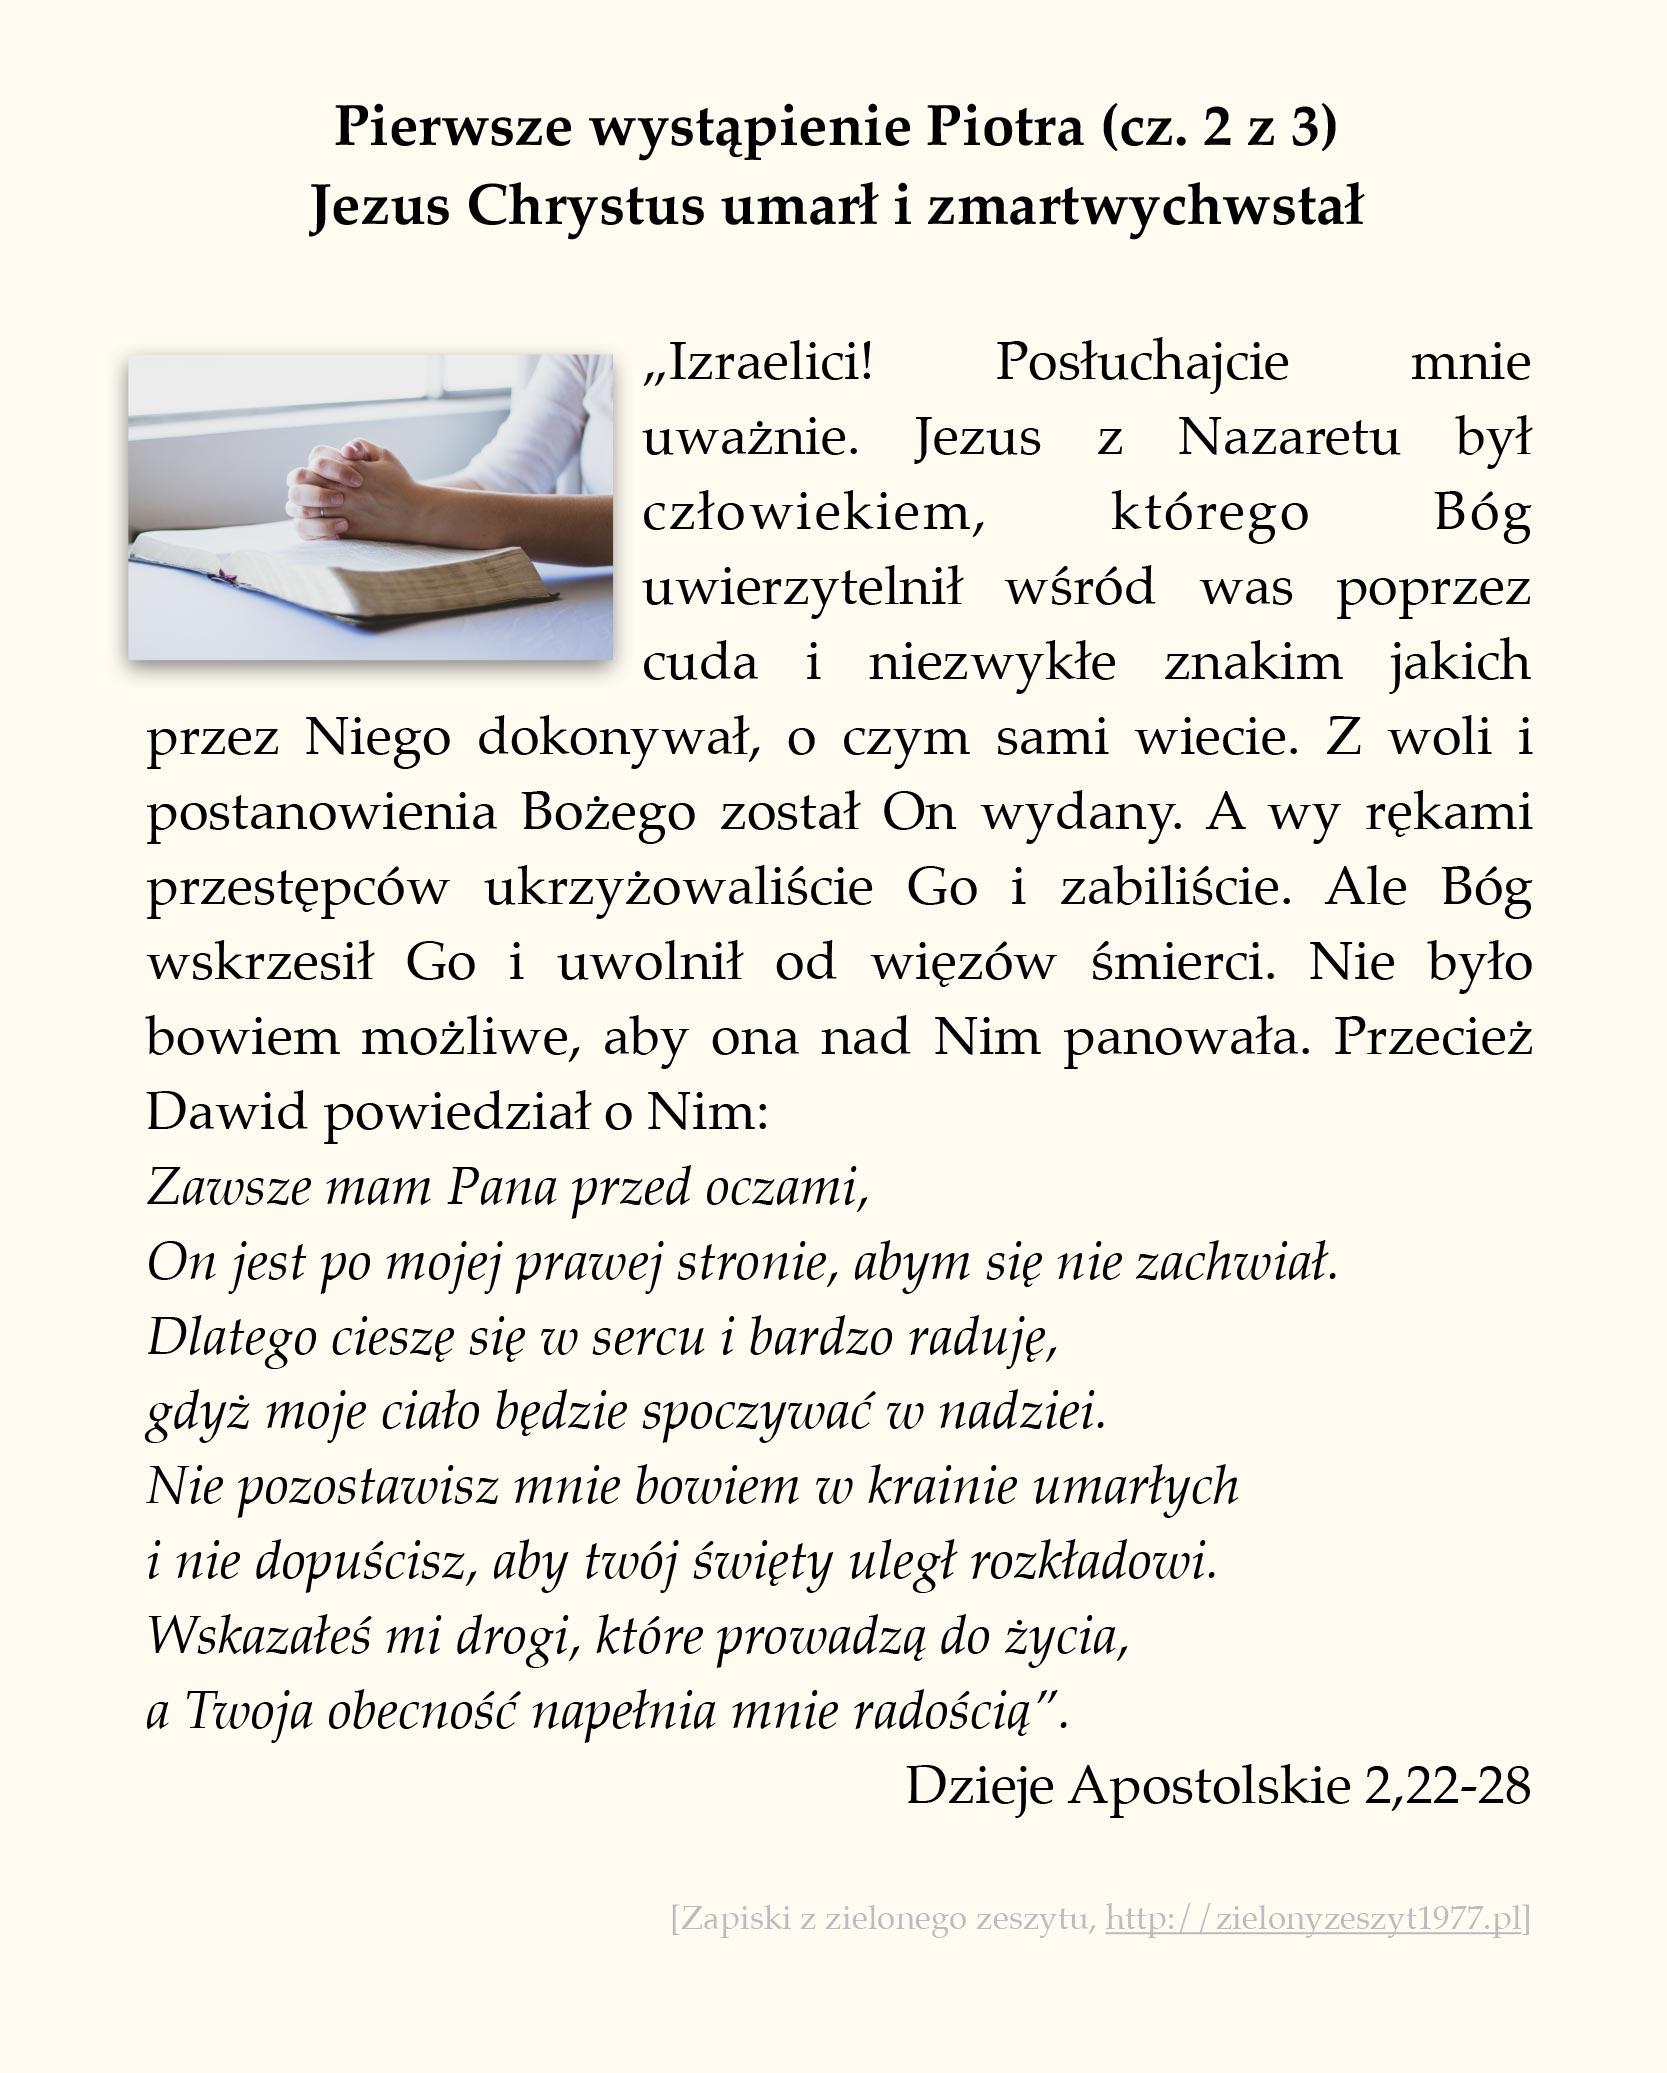 Pierwsze wystąpienie Piotra (cz. 2 z 3) - Jezus Chrystus umarł i zmartwychwstał; Dzieje Apostolskie (#8)